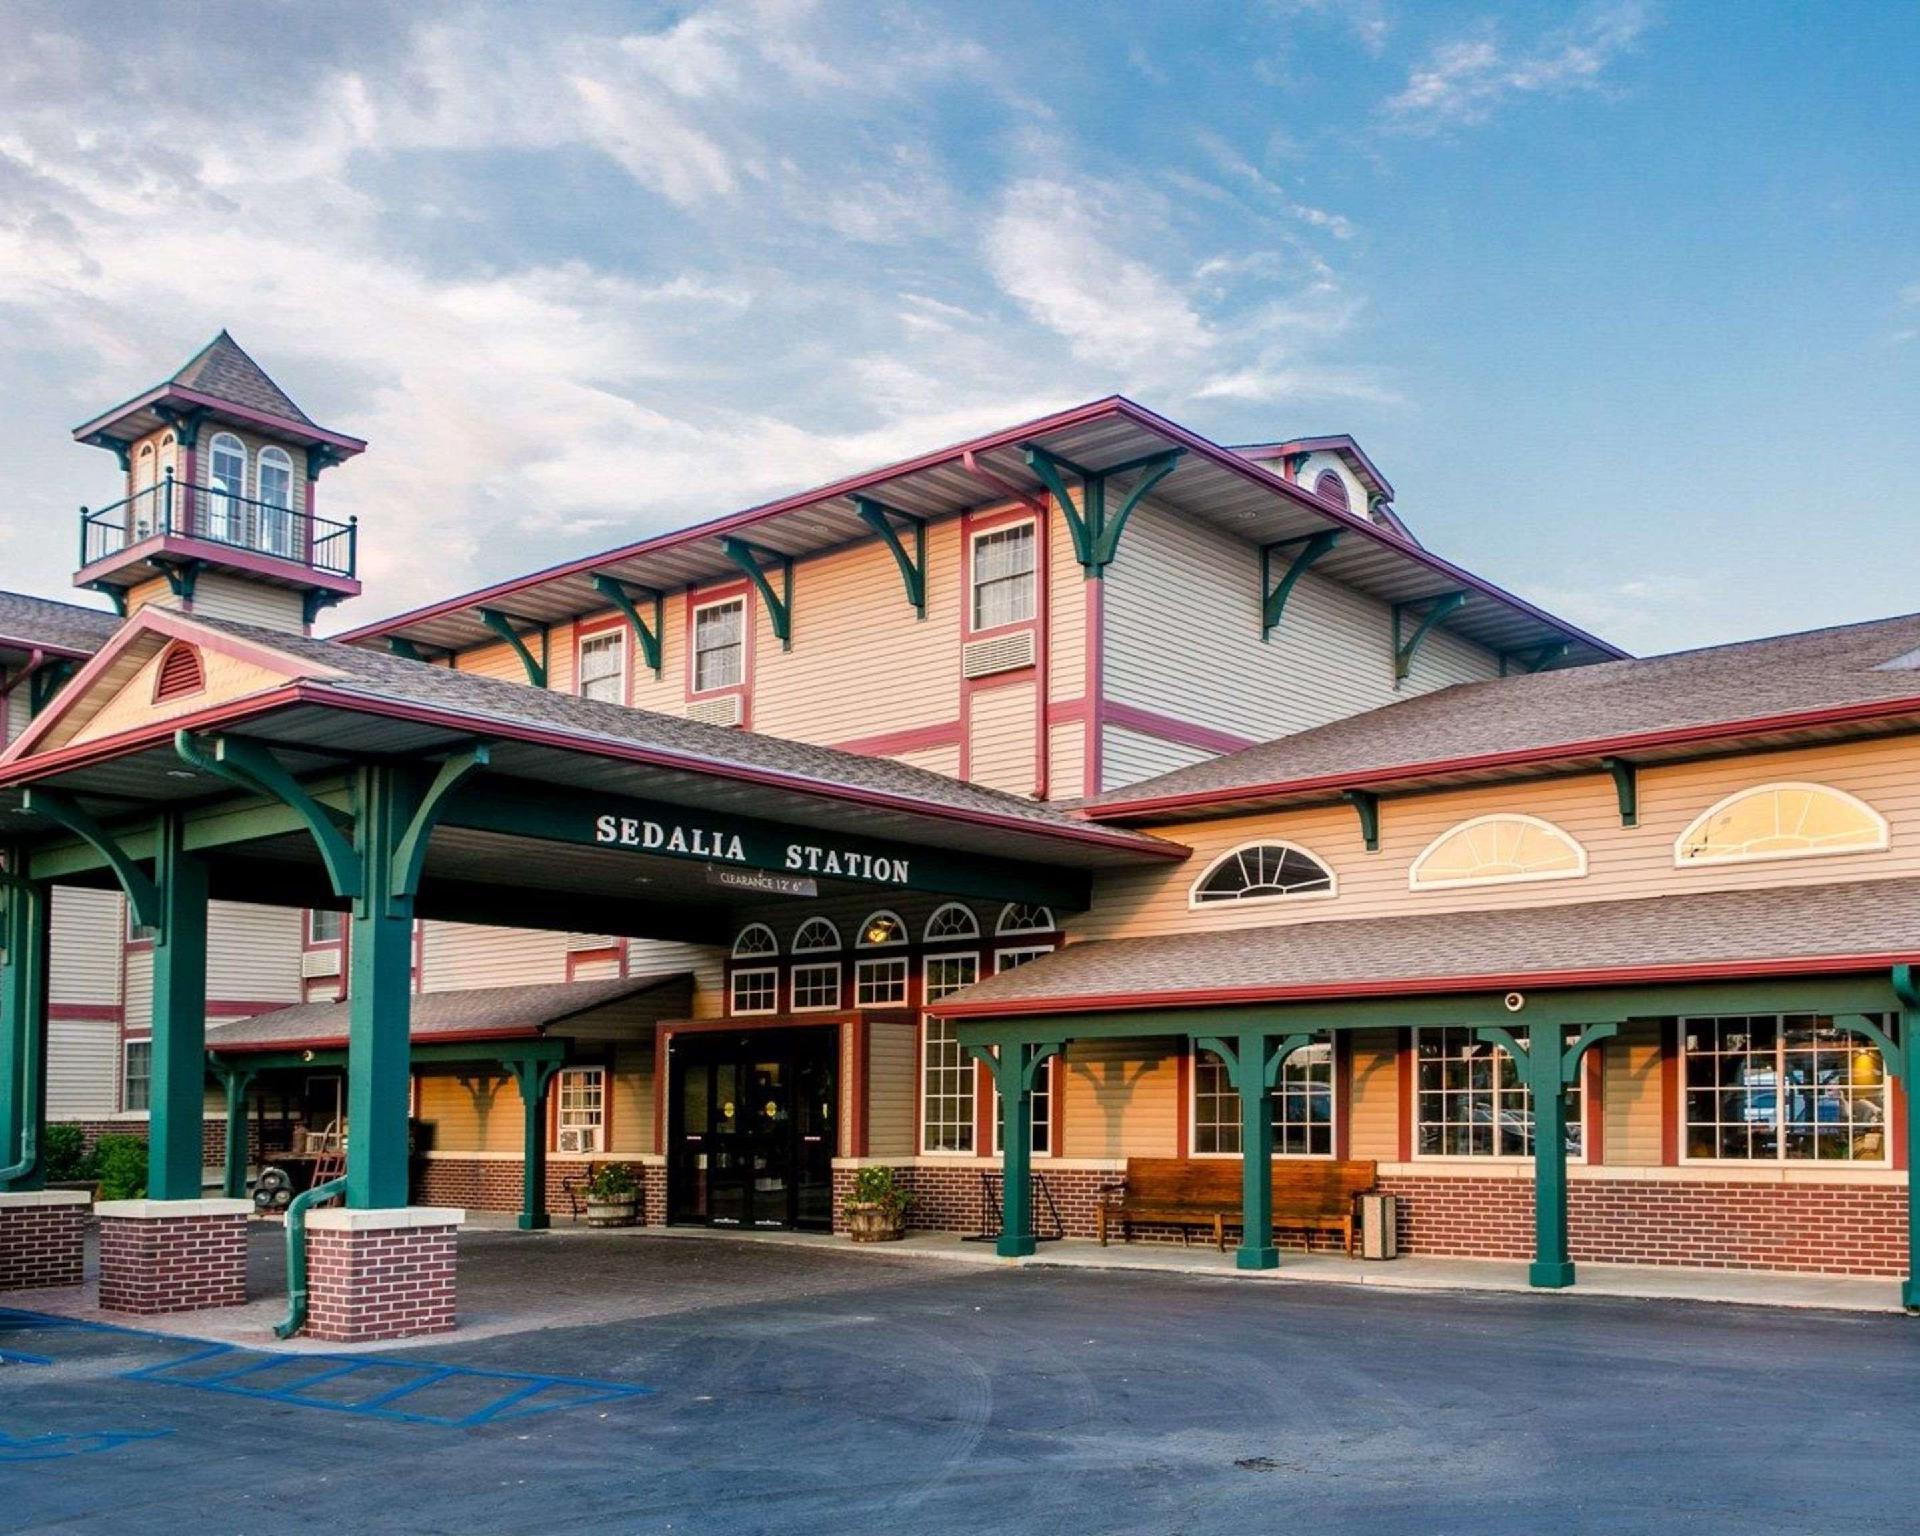 Comfort Inn Sedalia Station Sedalia